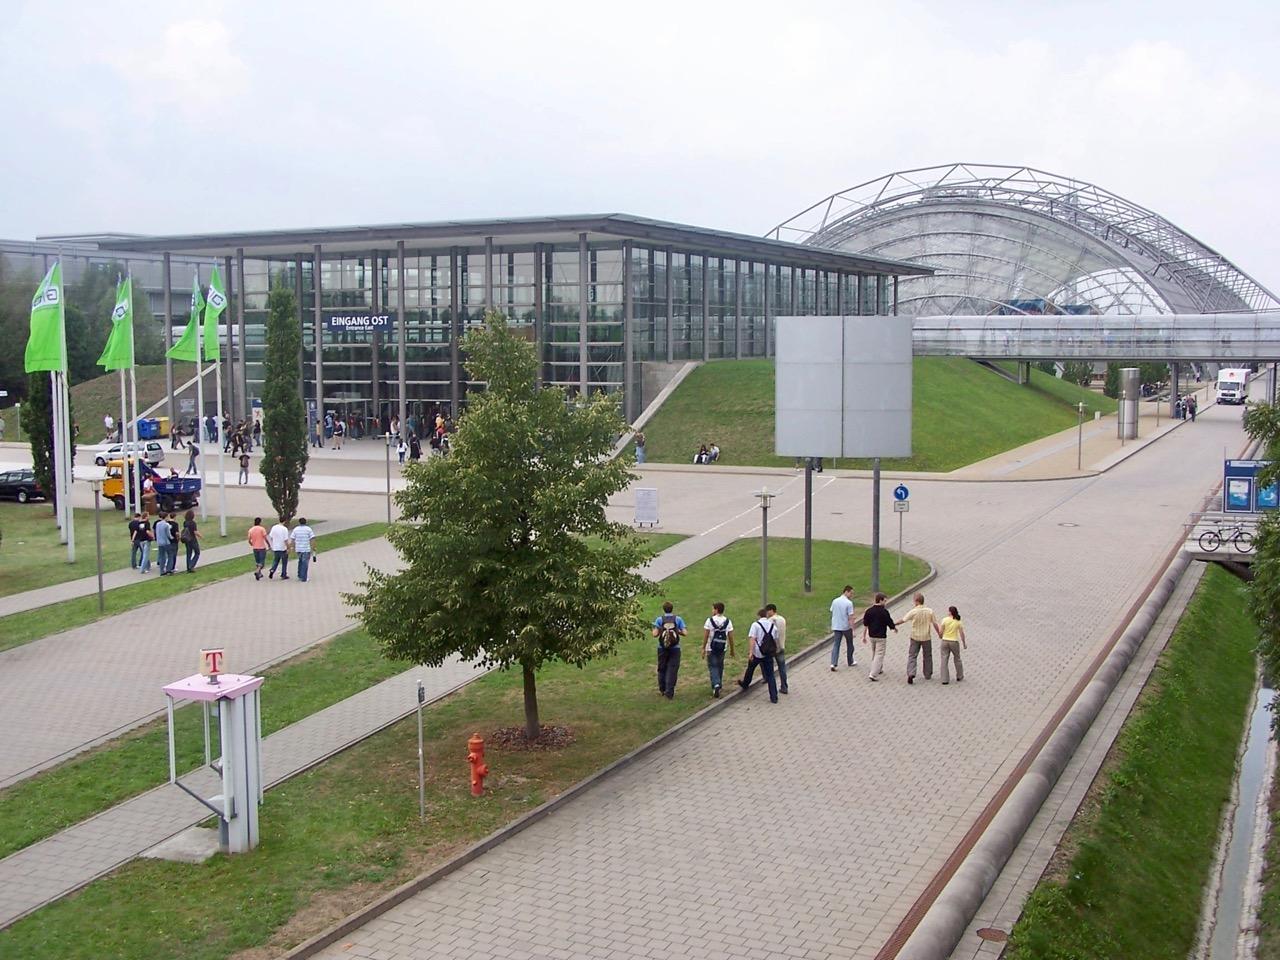 Der Eingang Ost des Leipziger Messegeländes. (Bild: André Eymann)